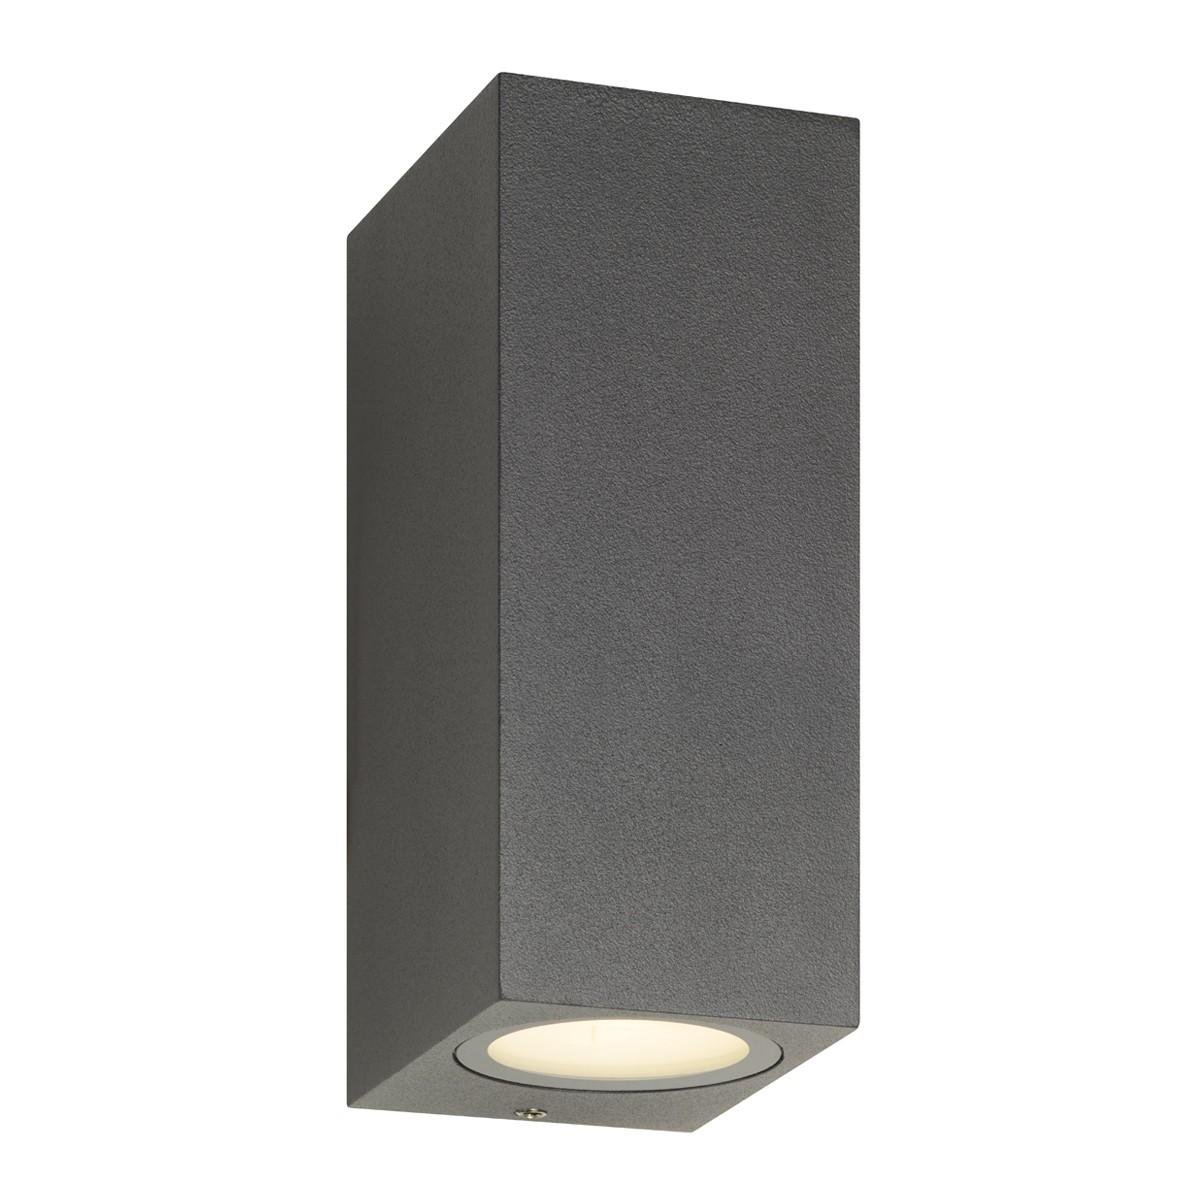 LCD Außenleuchten 5035/5036/5037 Up & Down LED Wandleuchte, graphit